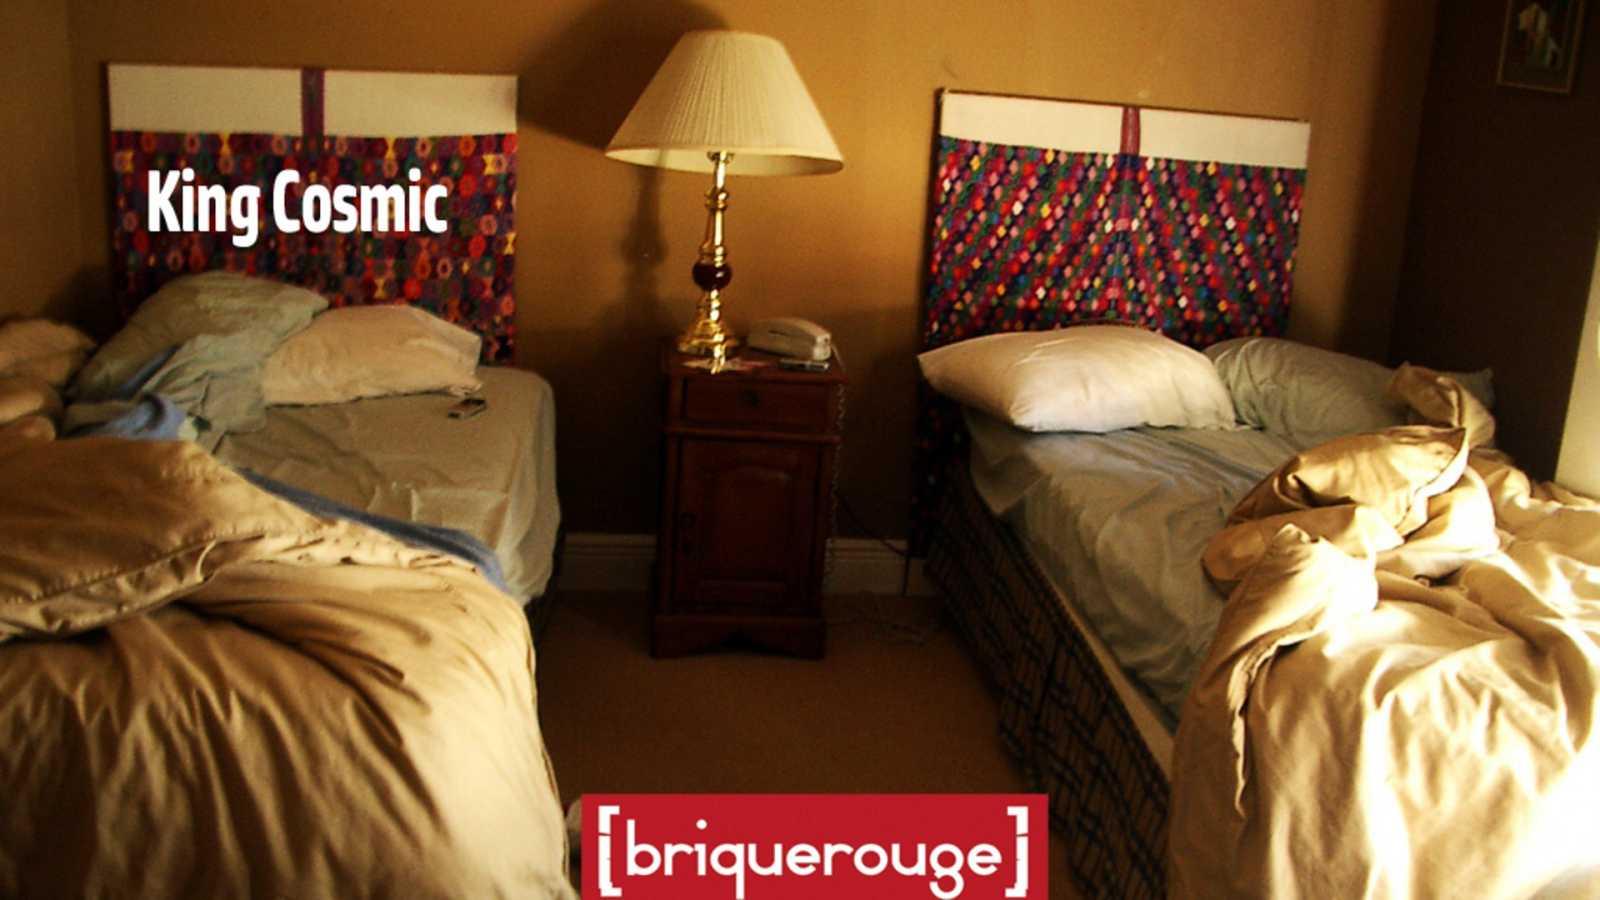 Guía electrónica de bolsillo - King Cosmic - The Doves Of Love (Brique Rouge) - 15/08/20 - Escuchar ahora